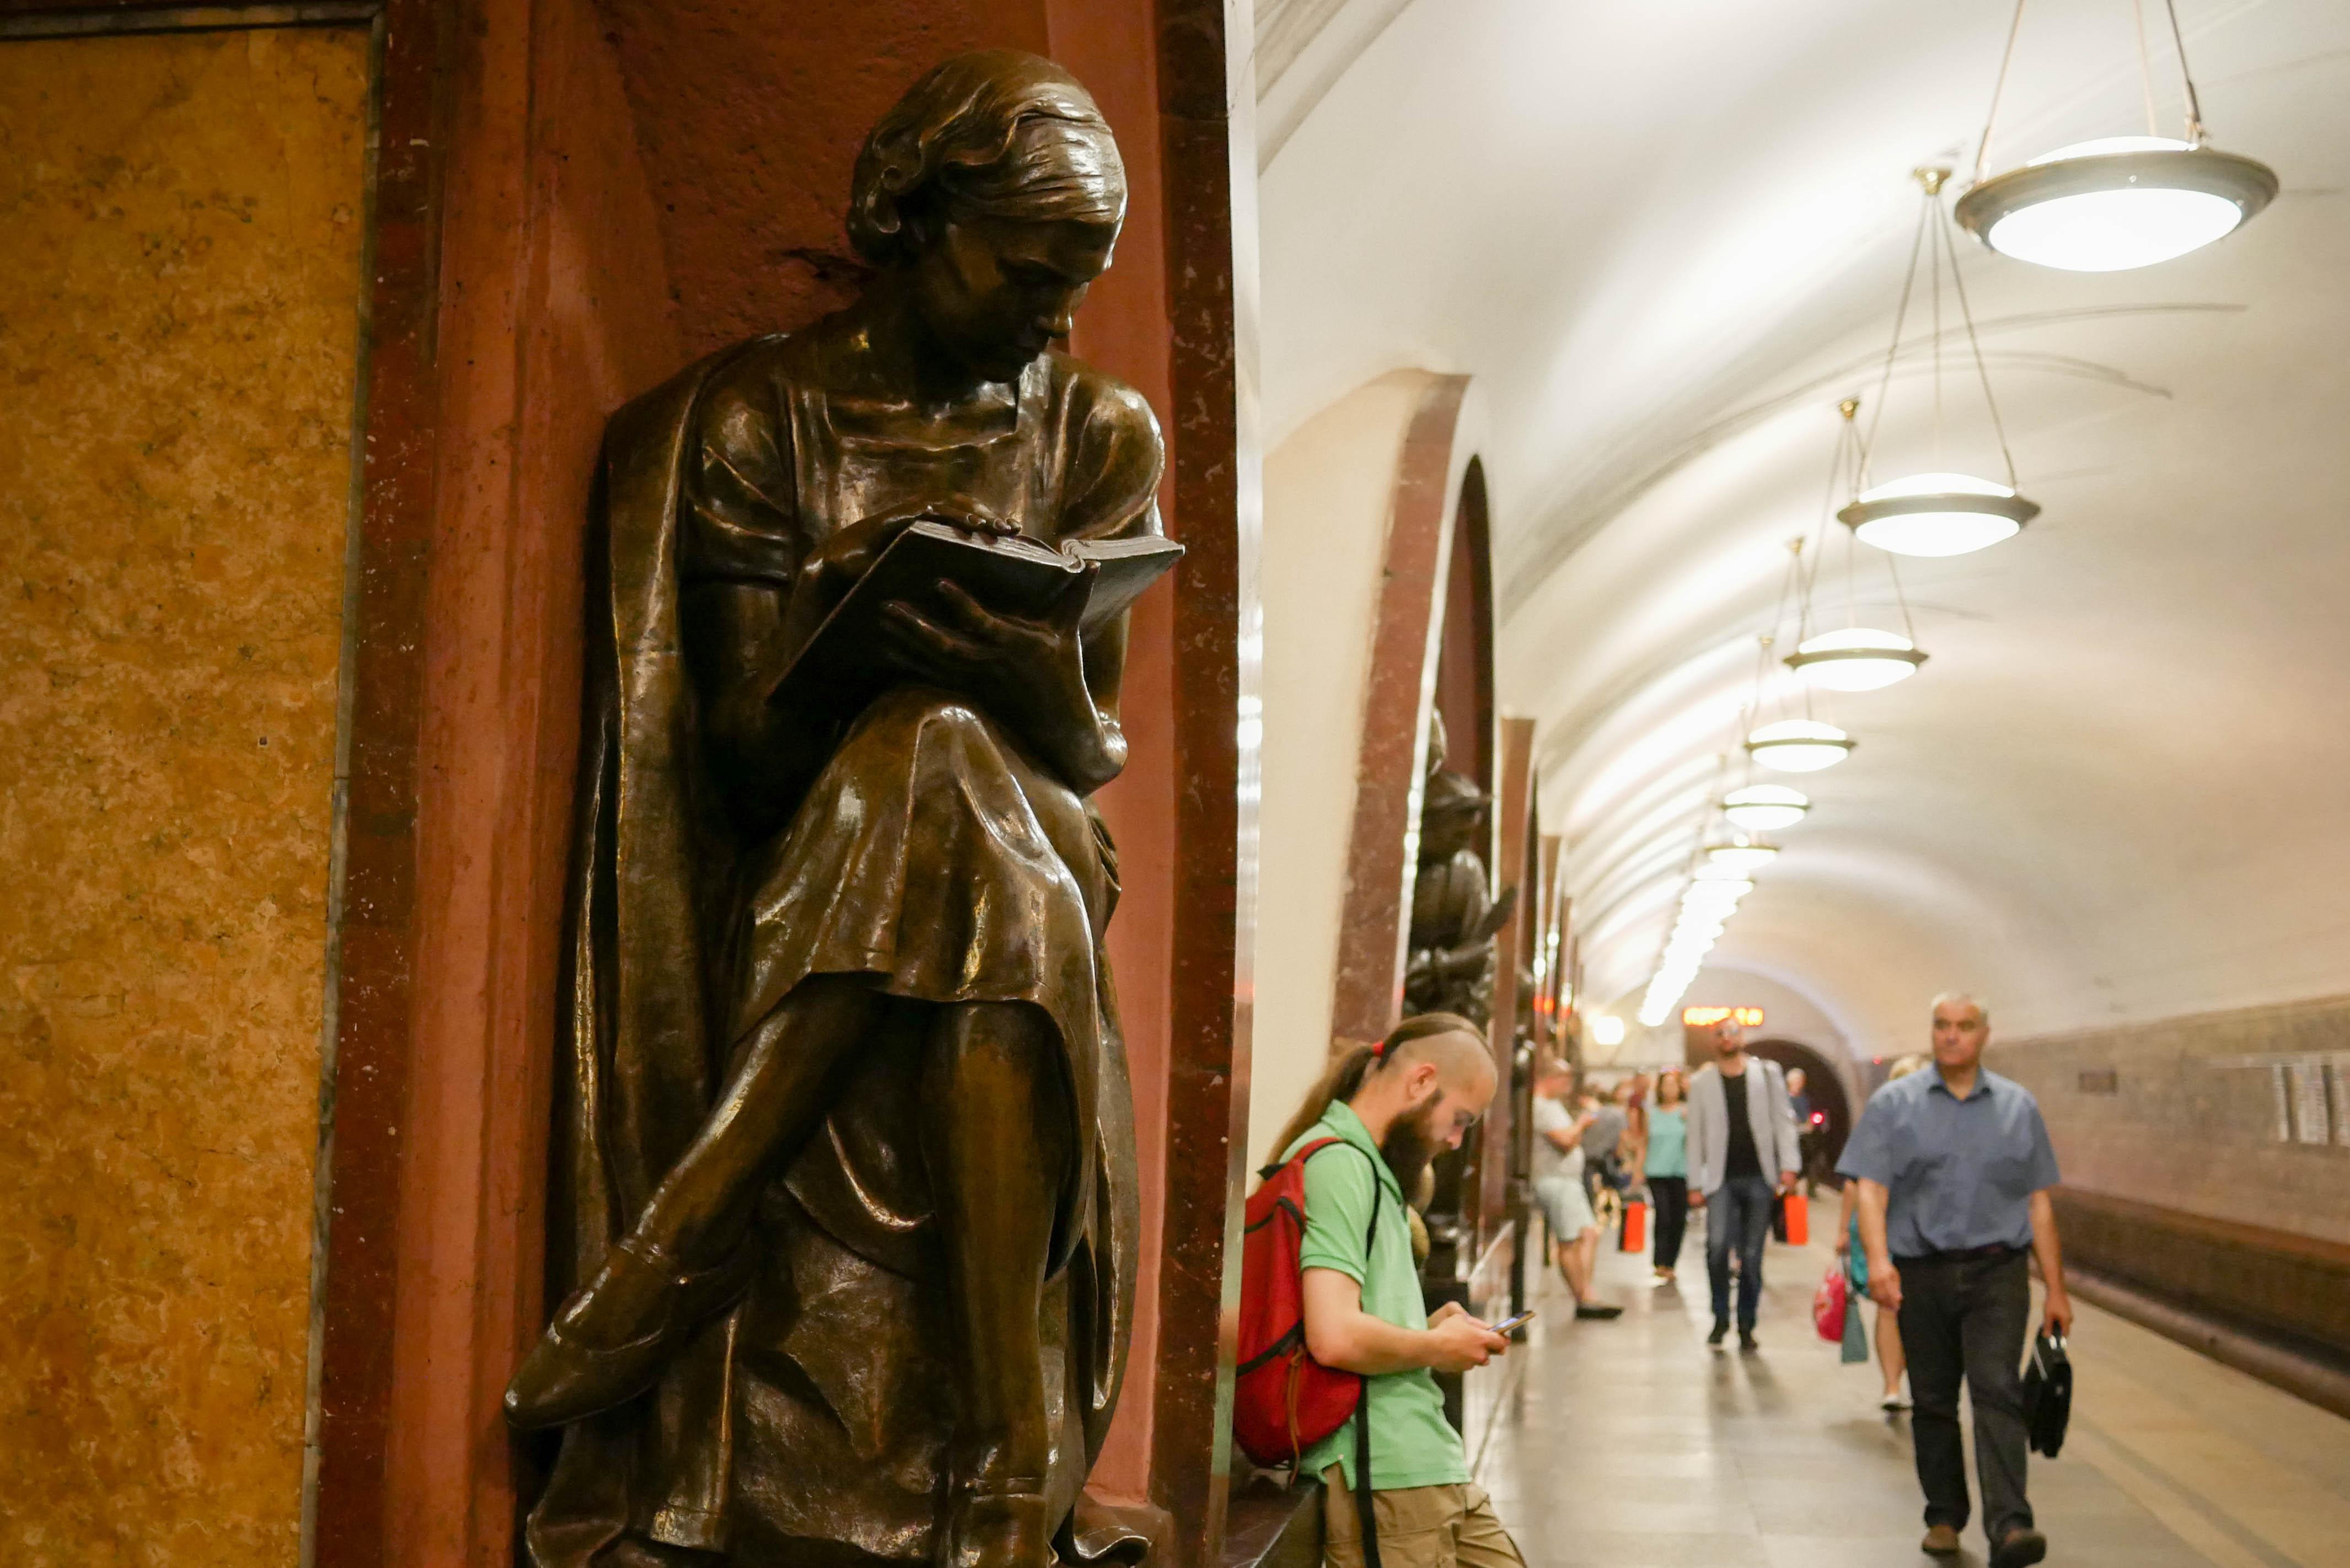 Masterpieces of MOSCOW รัสเซีย สวย หรู ราคาไม่แรงและต้องไม่ใช้วีซ่า!